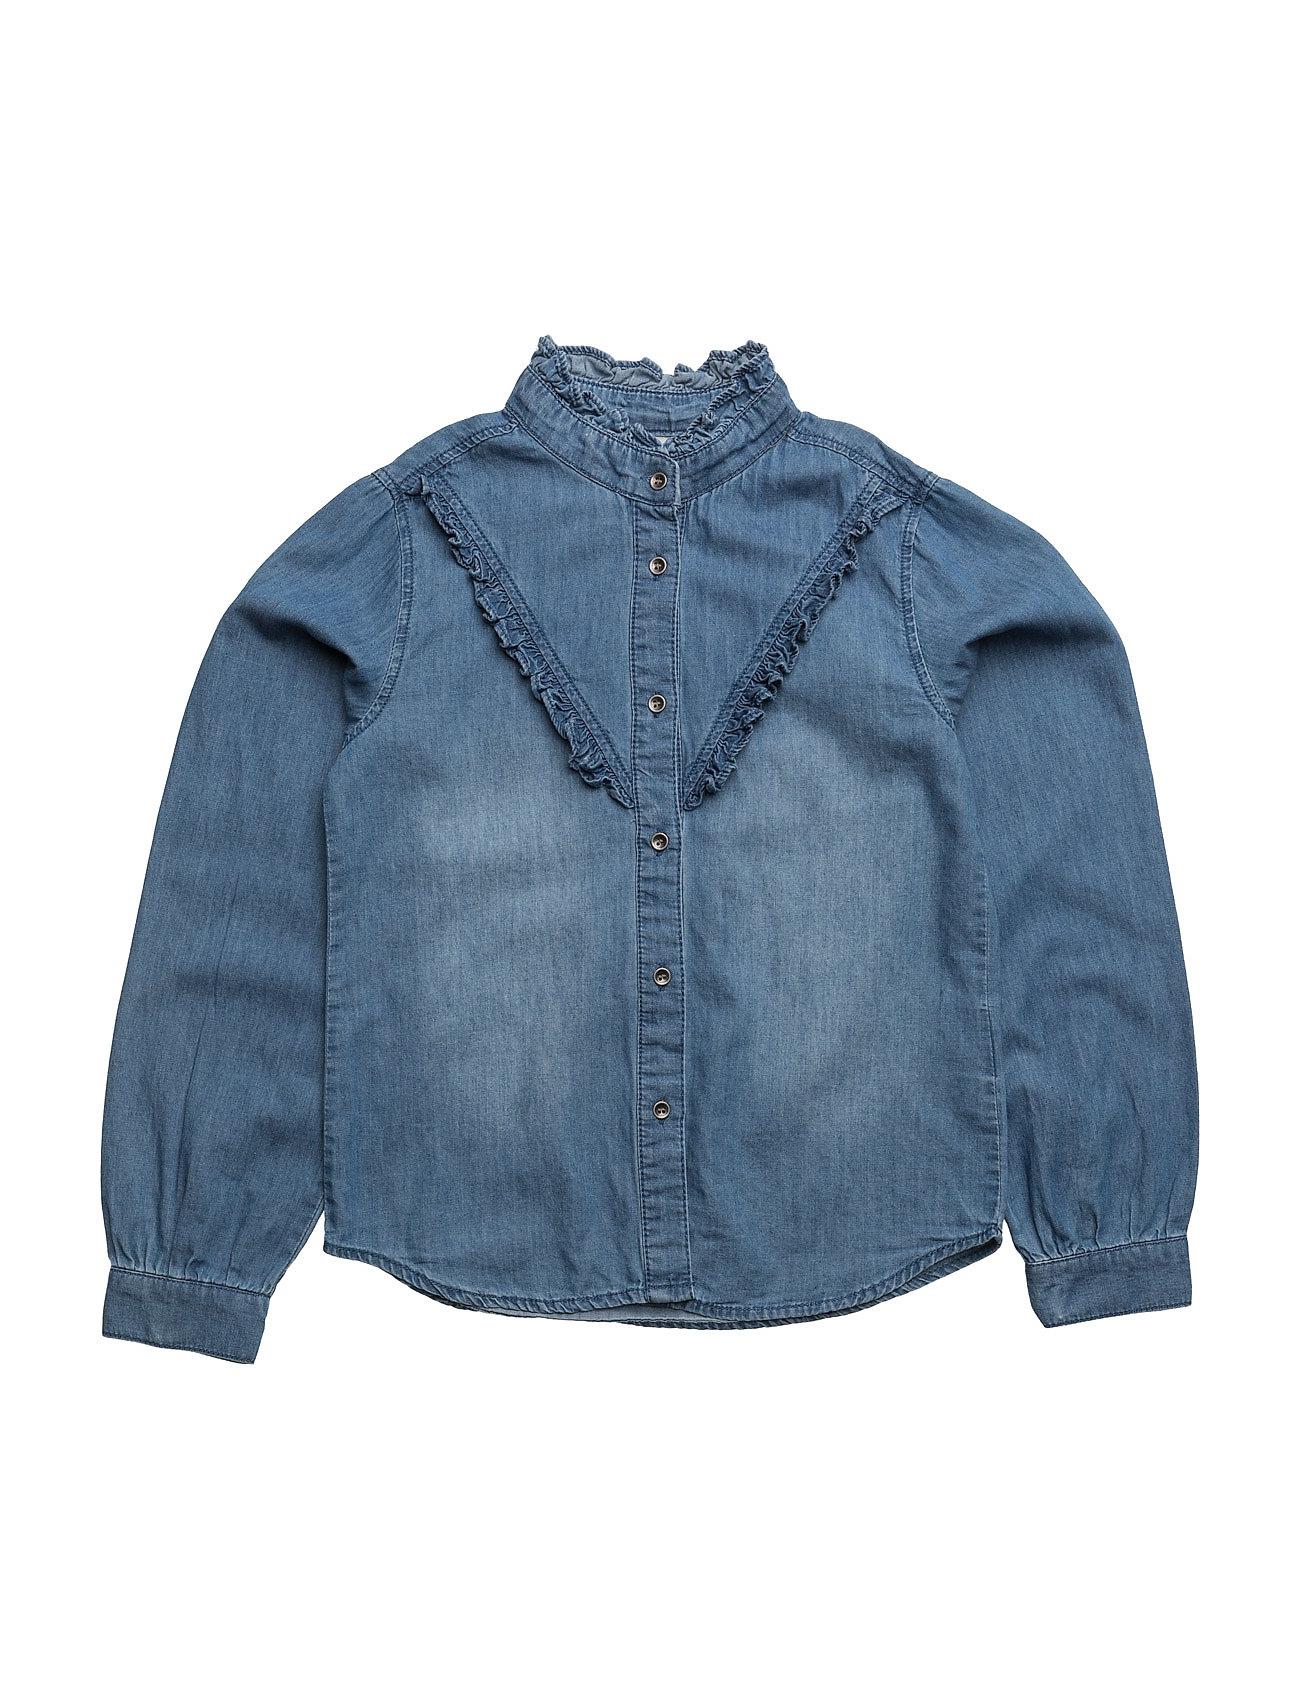 name it – Nitawanal dnm shirt f nmt på boozt.com dk